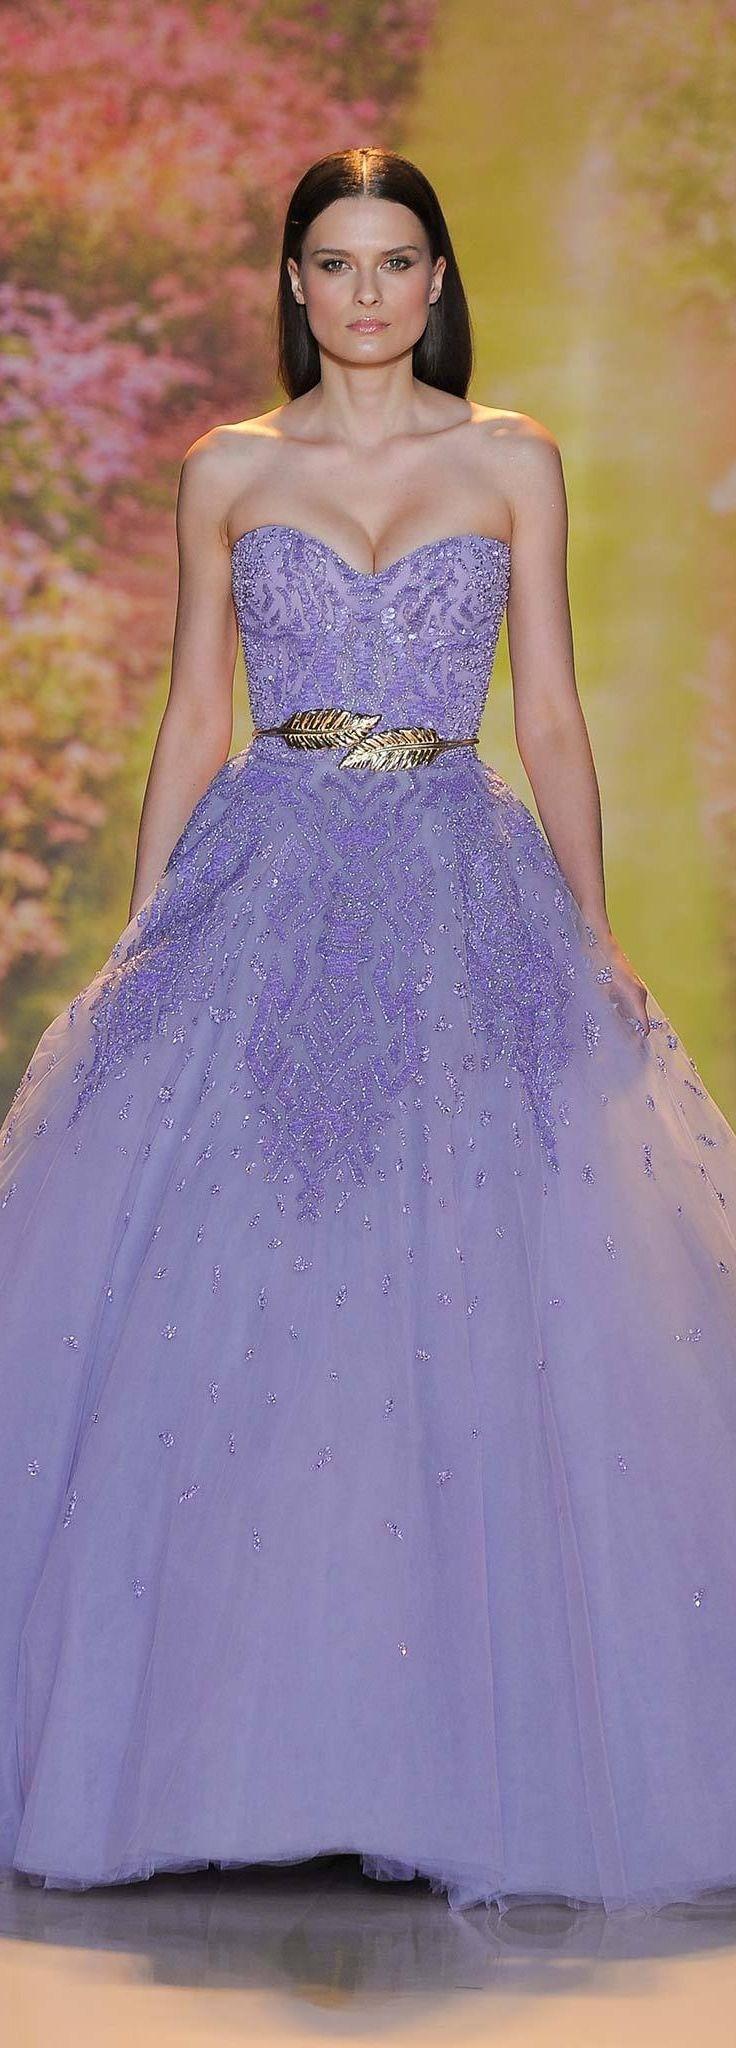 40 best vestidos images on Pinterest | Formal dresses, Formal ...